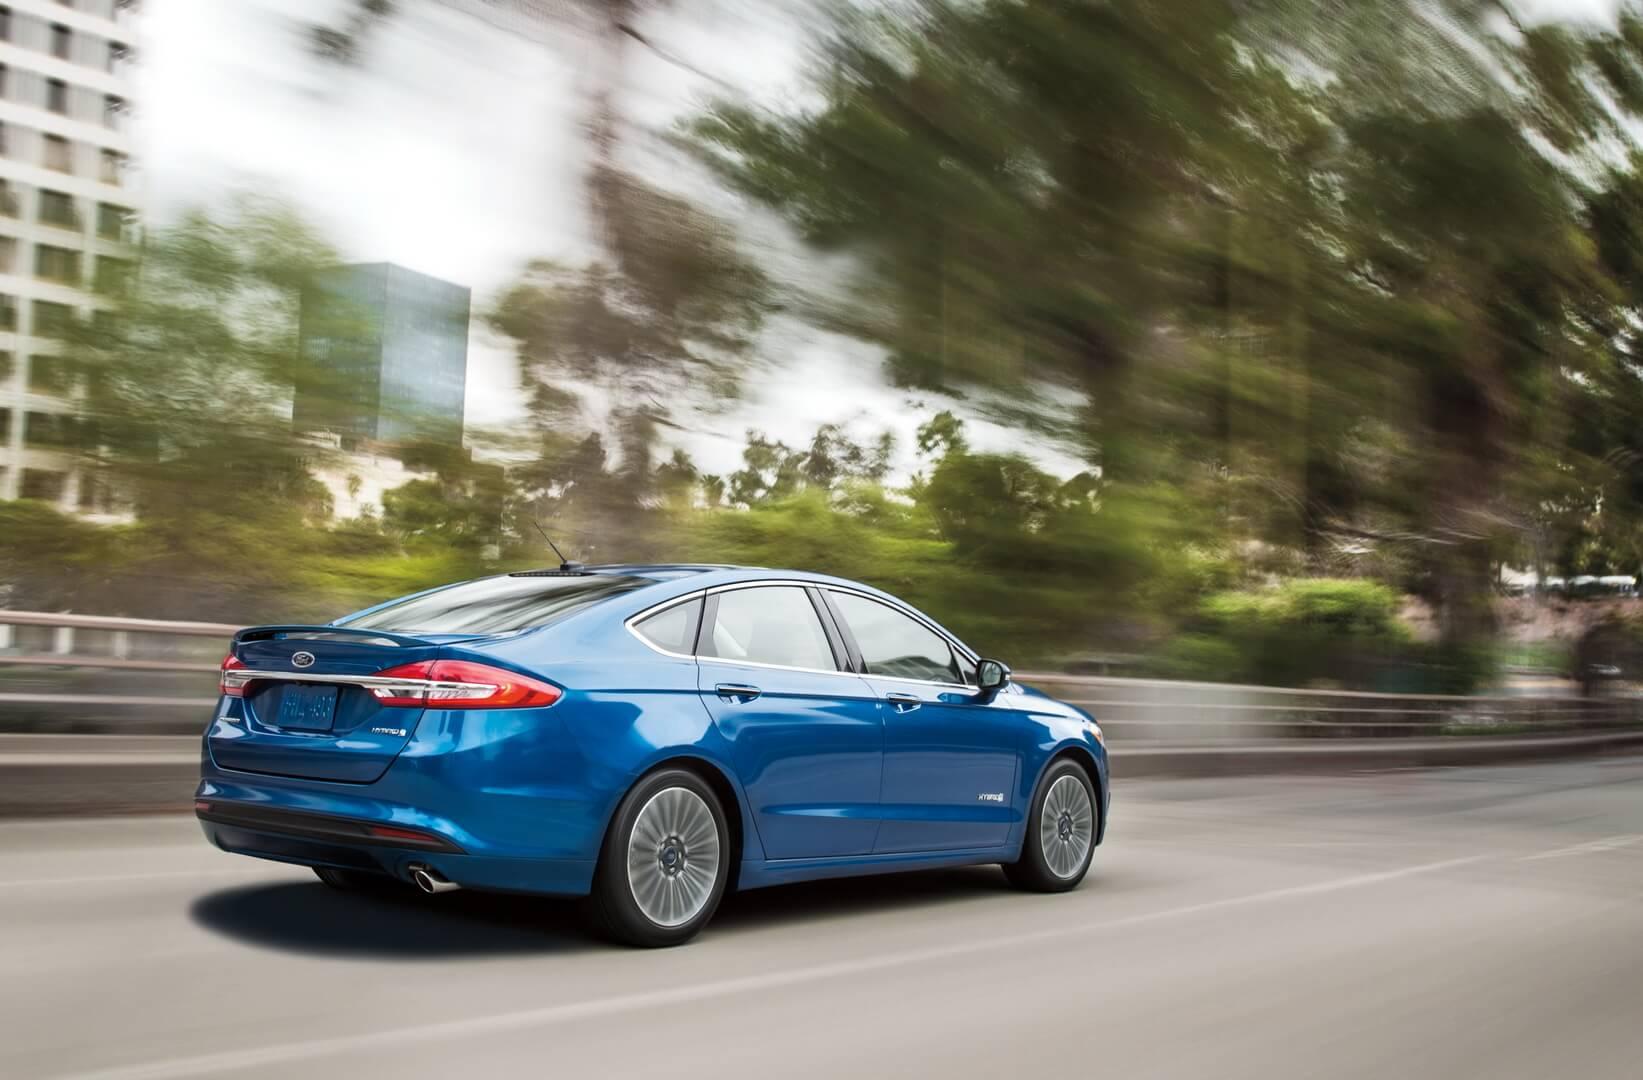 Ford Fusion Hybrid & PHEV